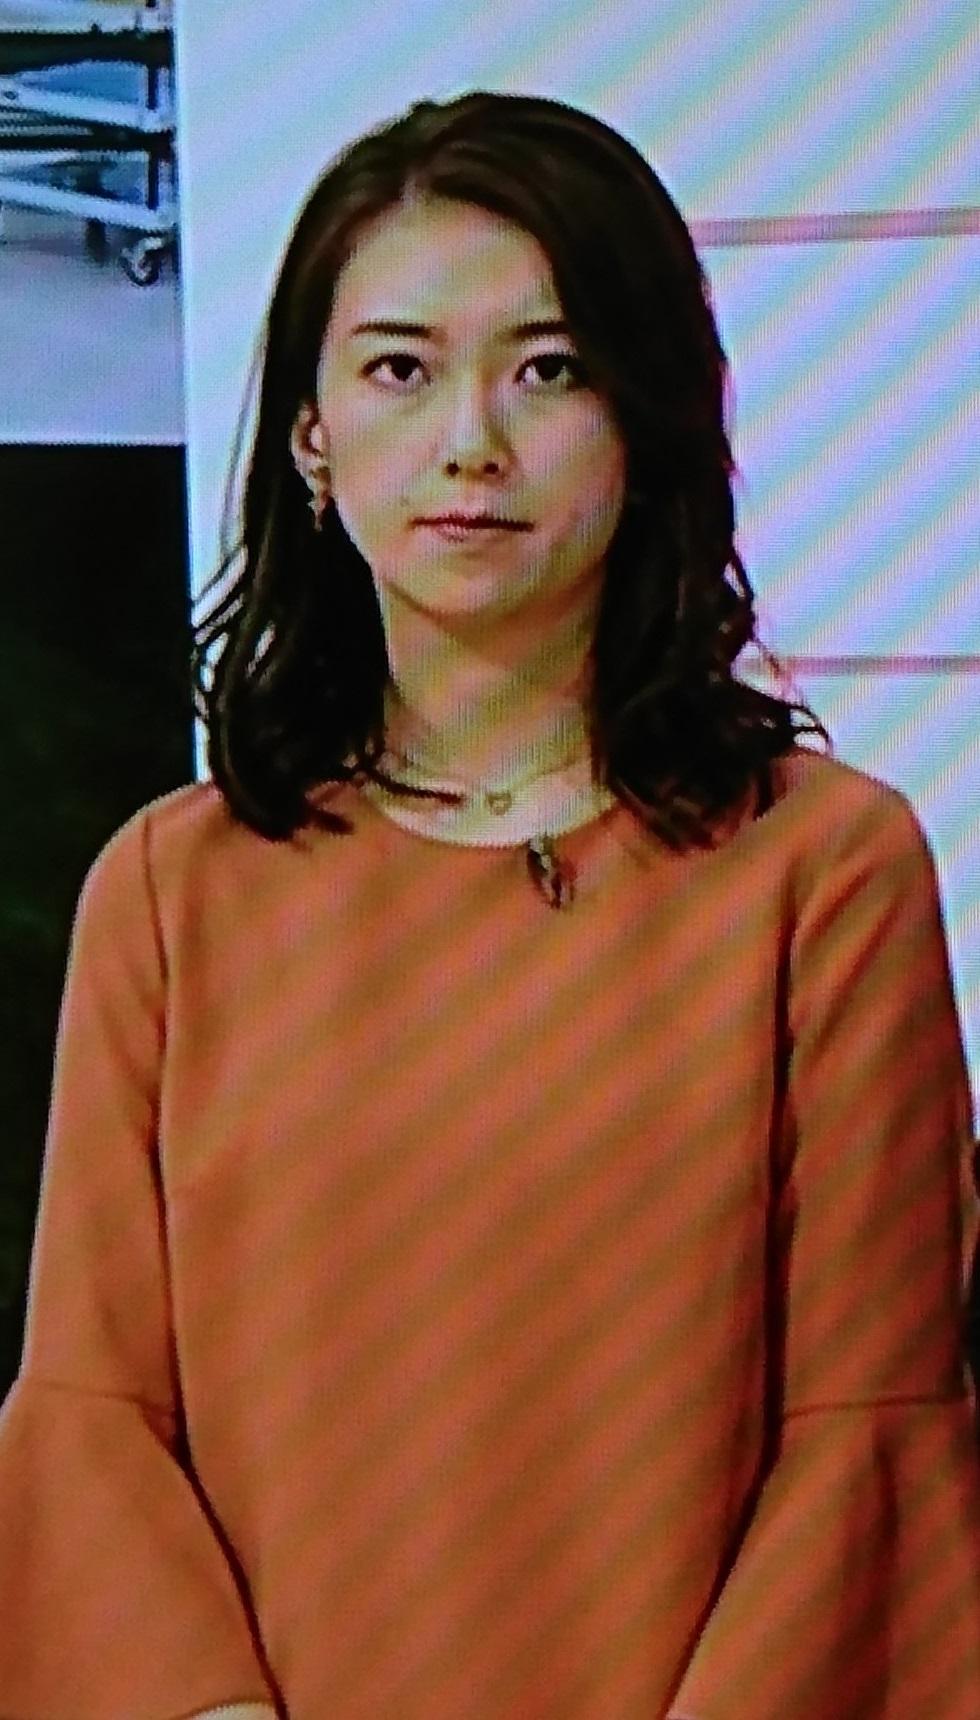 2016.12.21 和久田麻由子さん (2) 980-1720